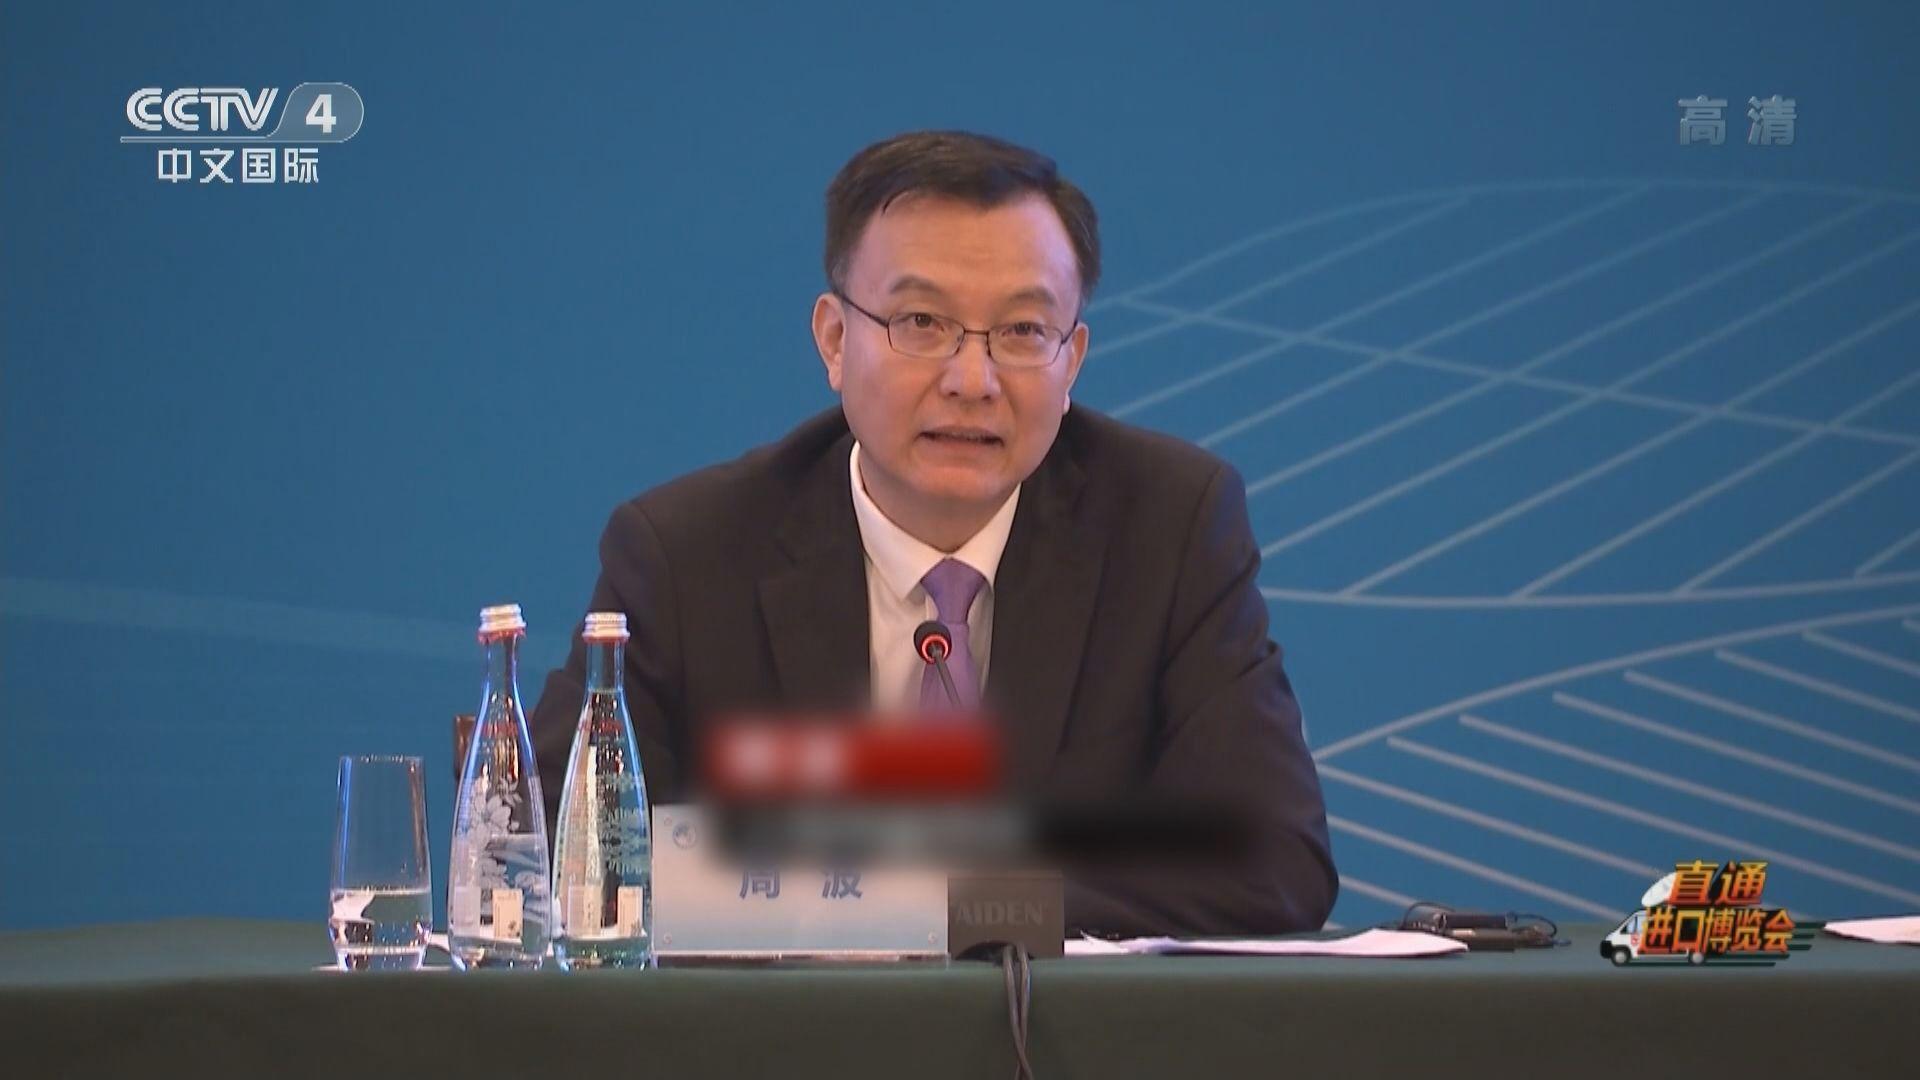 上海市常務副市長周波將率團出席雙城論壇